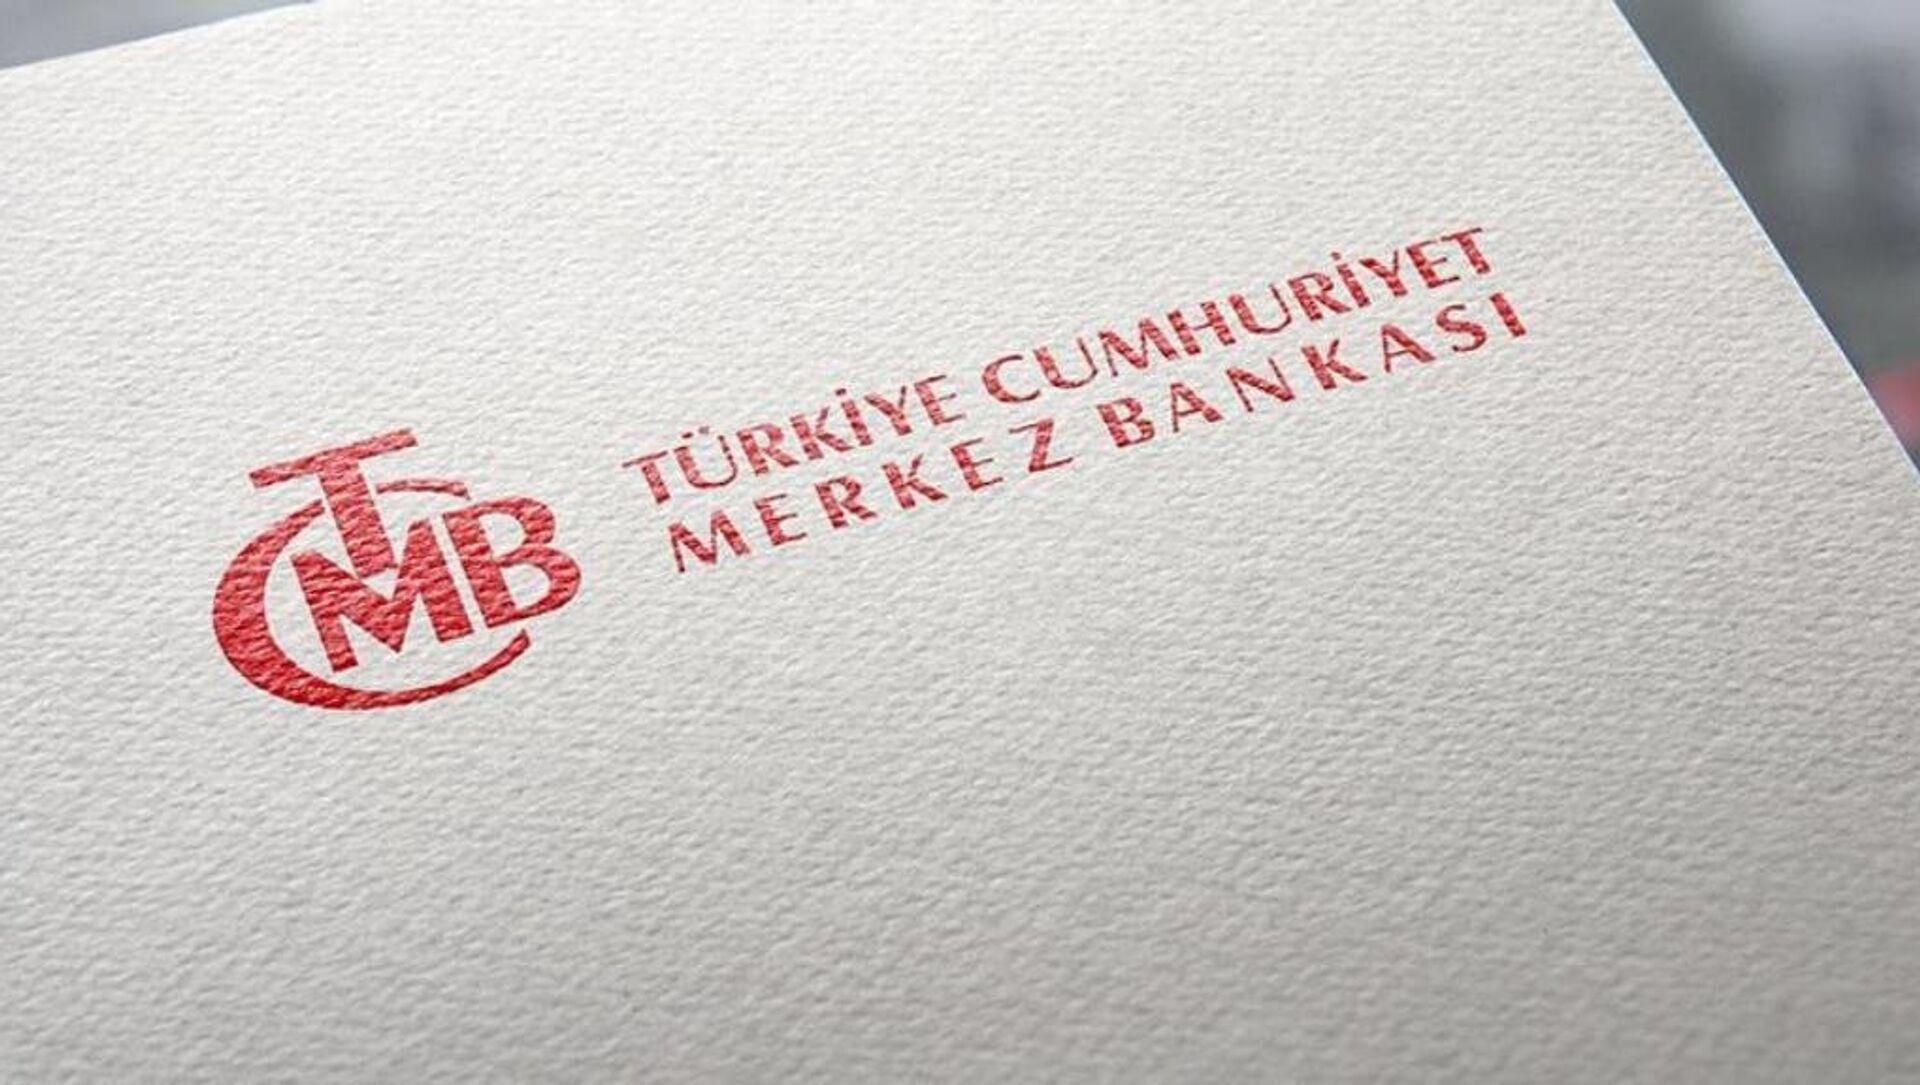 Merkez Bankası - Sputnik Türkiye, 1920, 31.05.2021